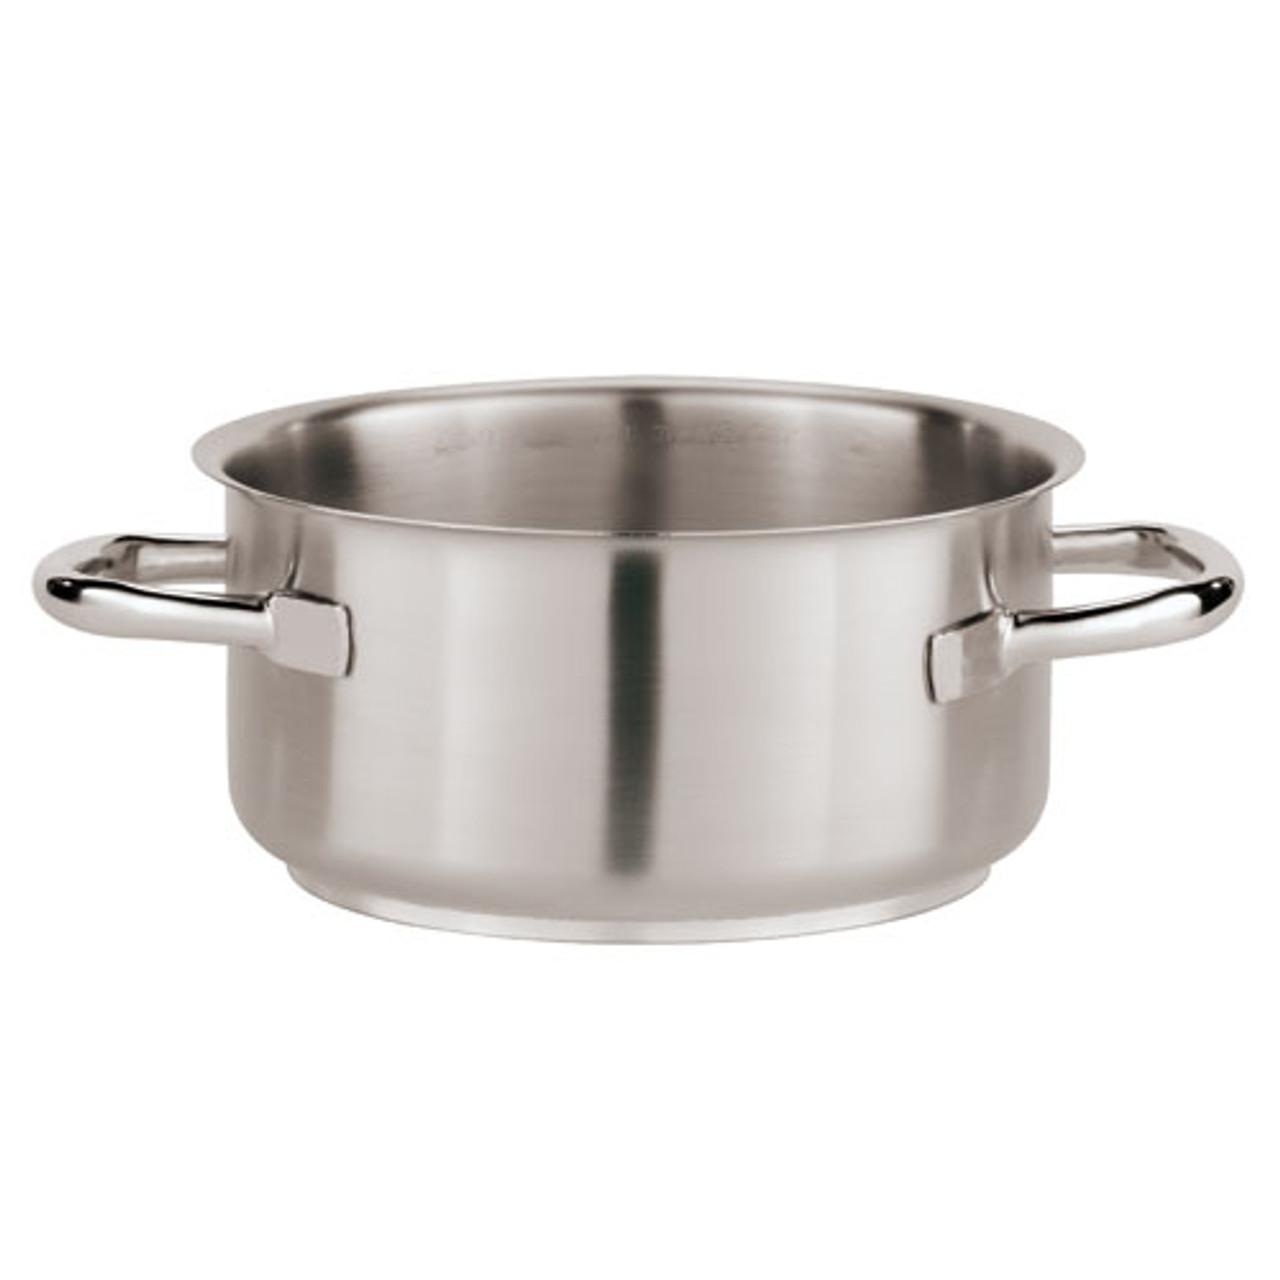 1 5/8 Quart Stew Pot, L 6.25 x W 6.25 x H 3.125